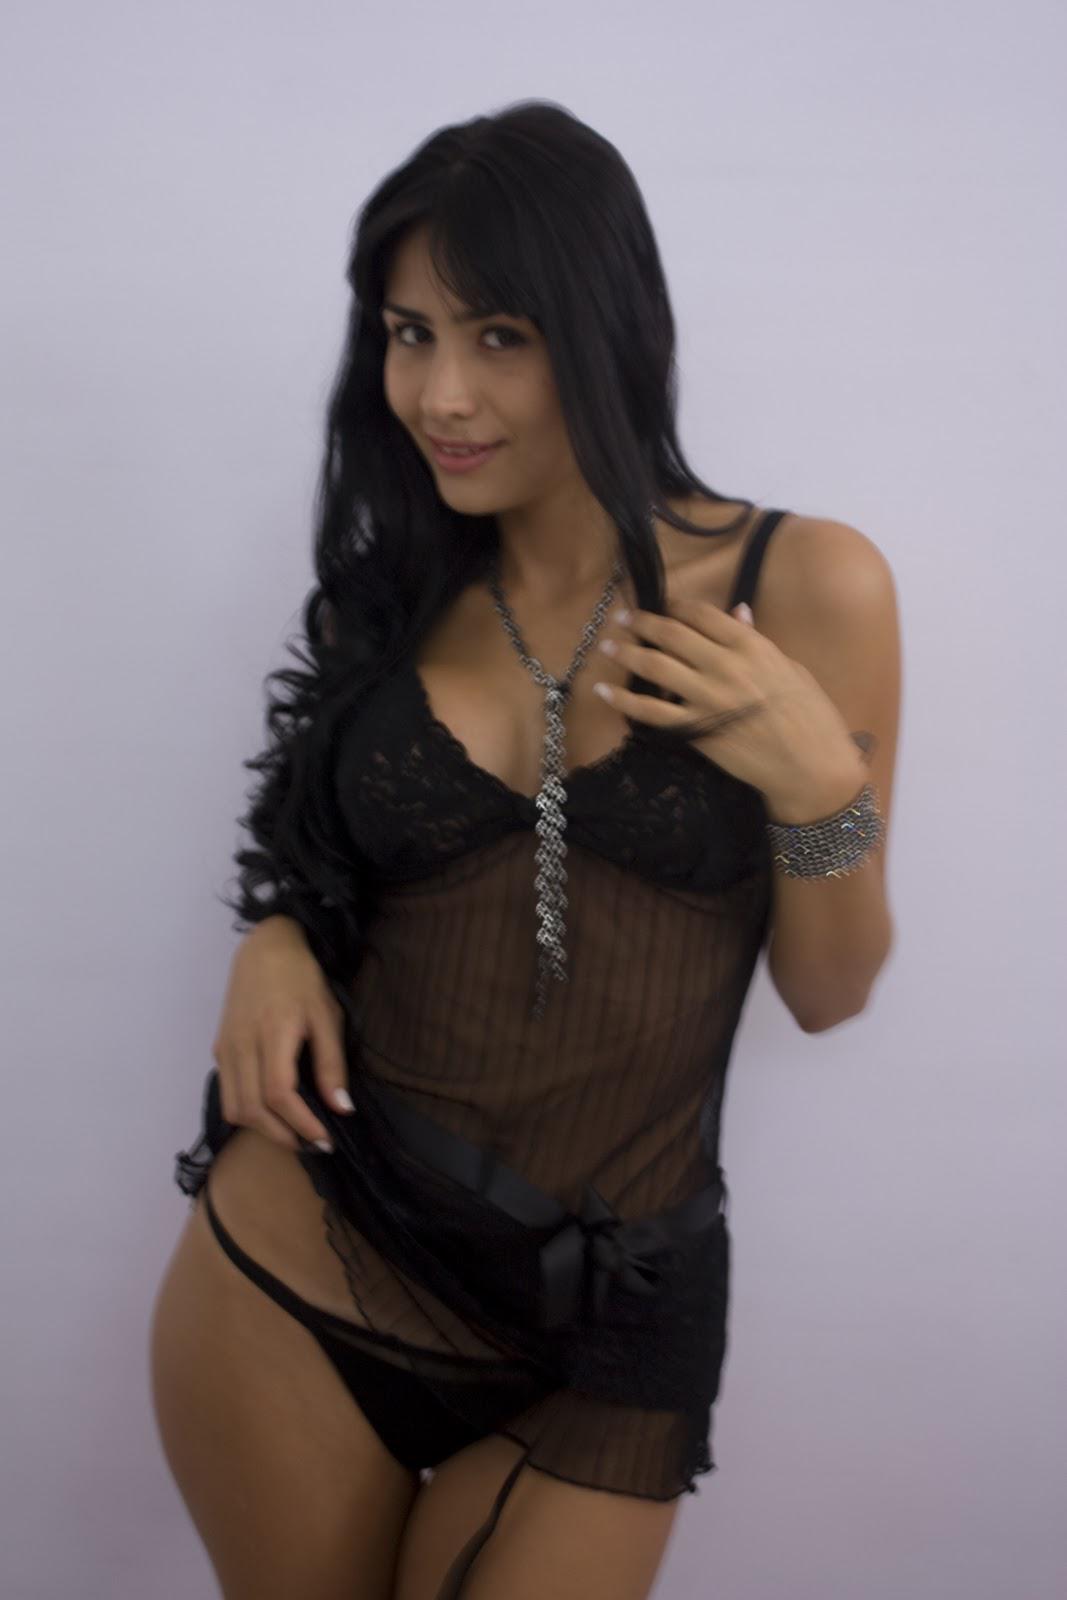 sexo em setubal peniche webcam